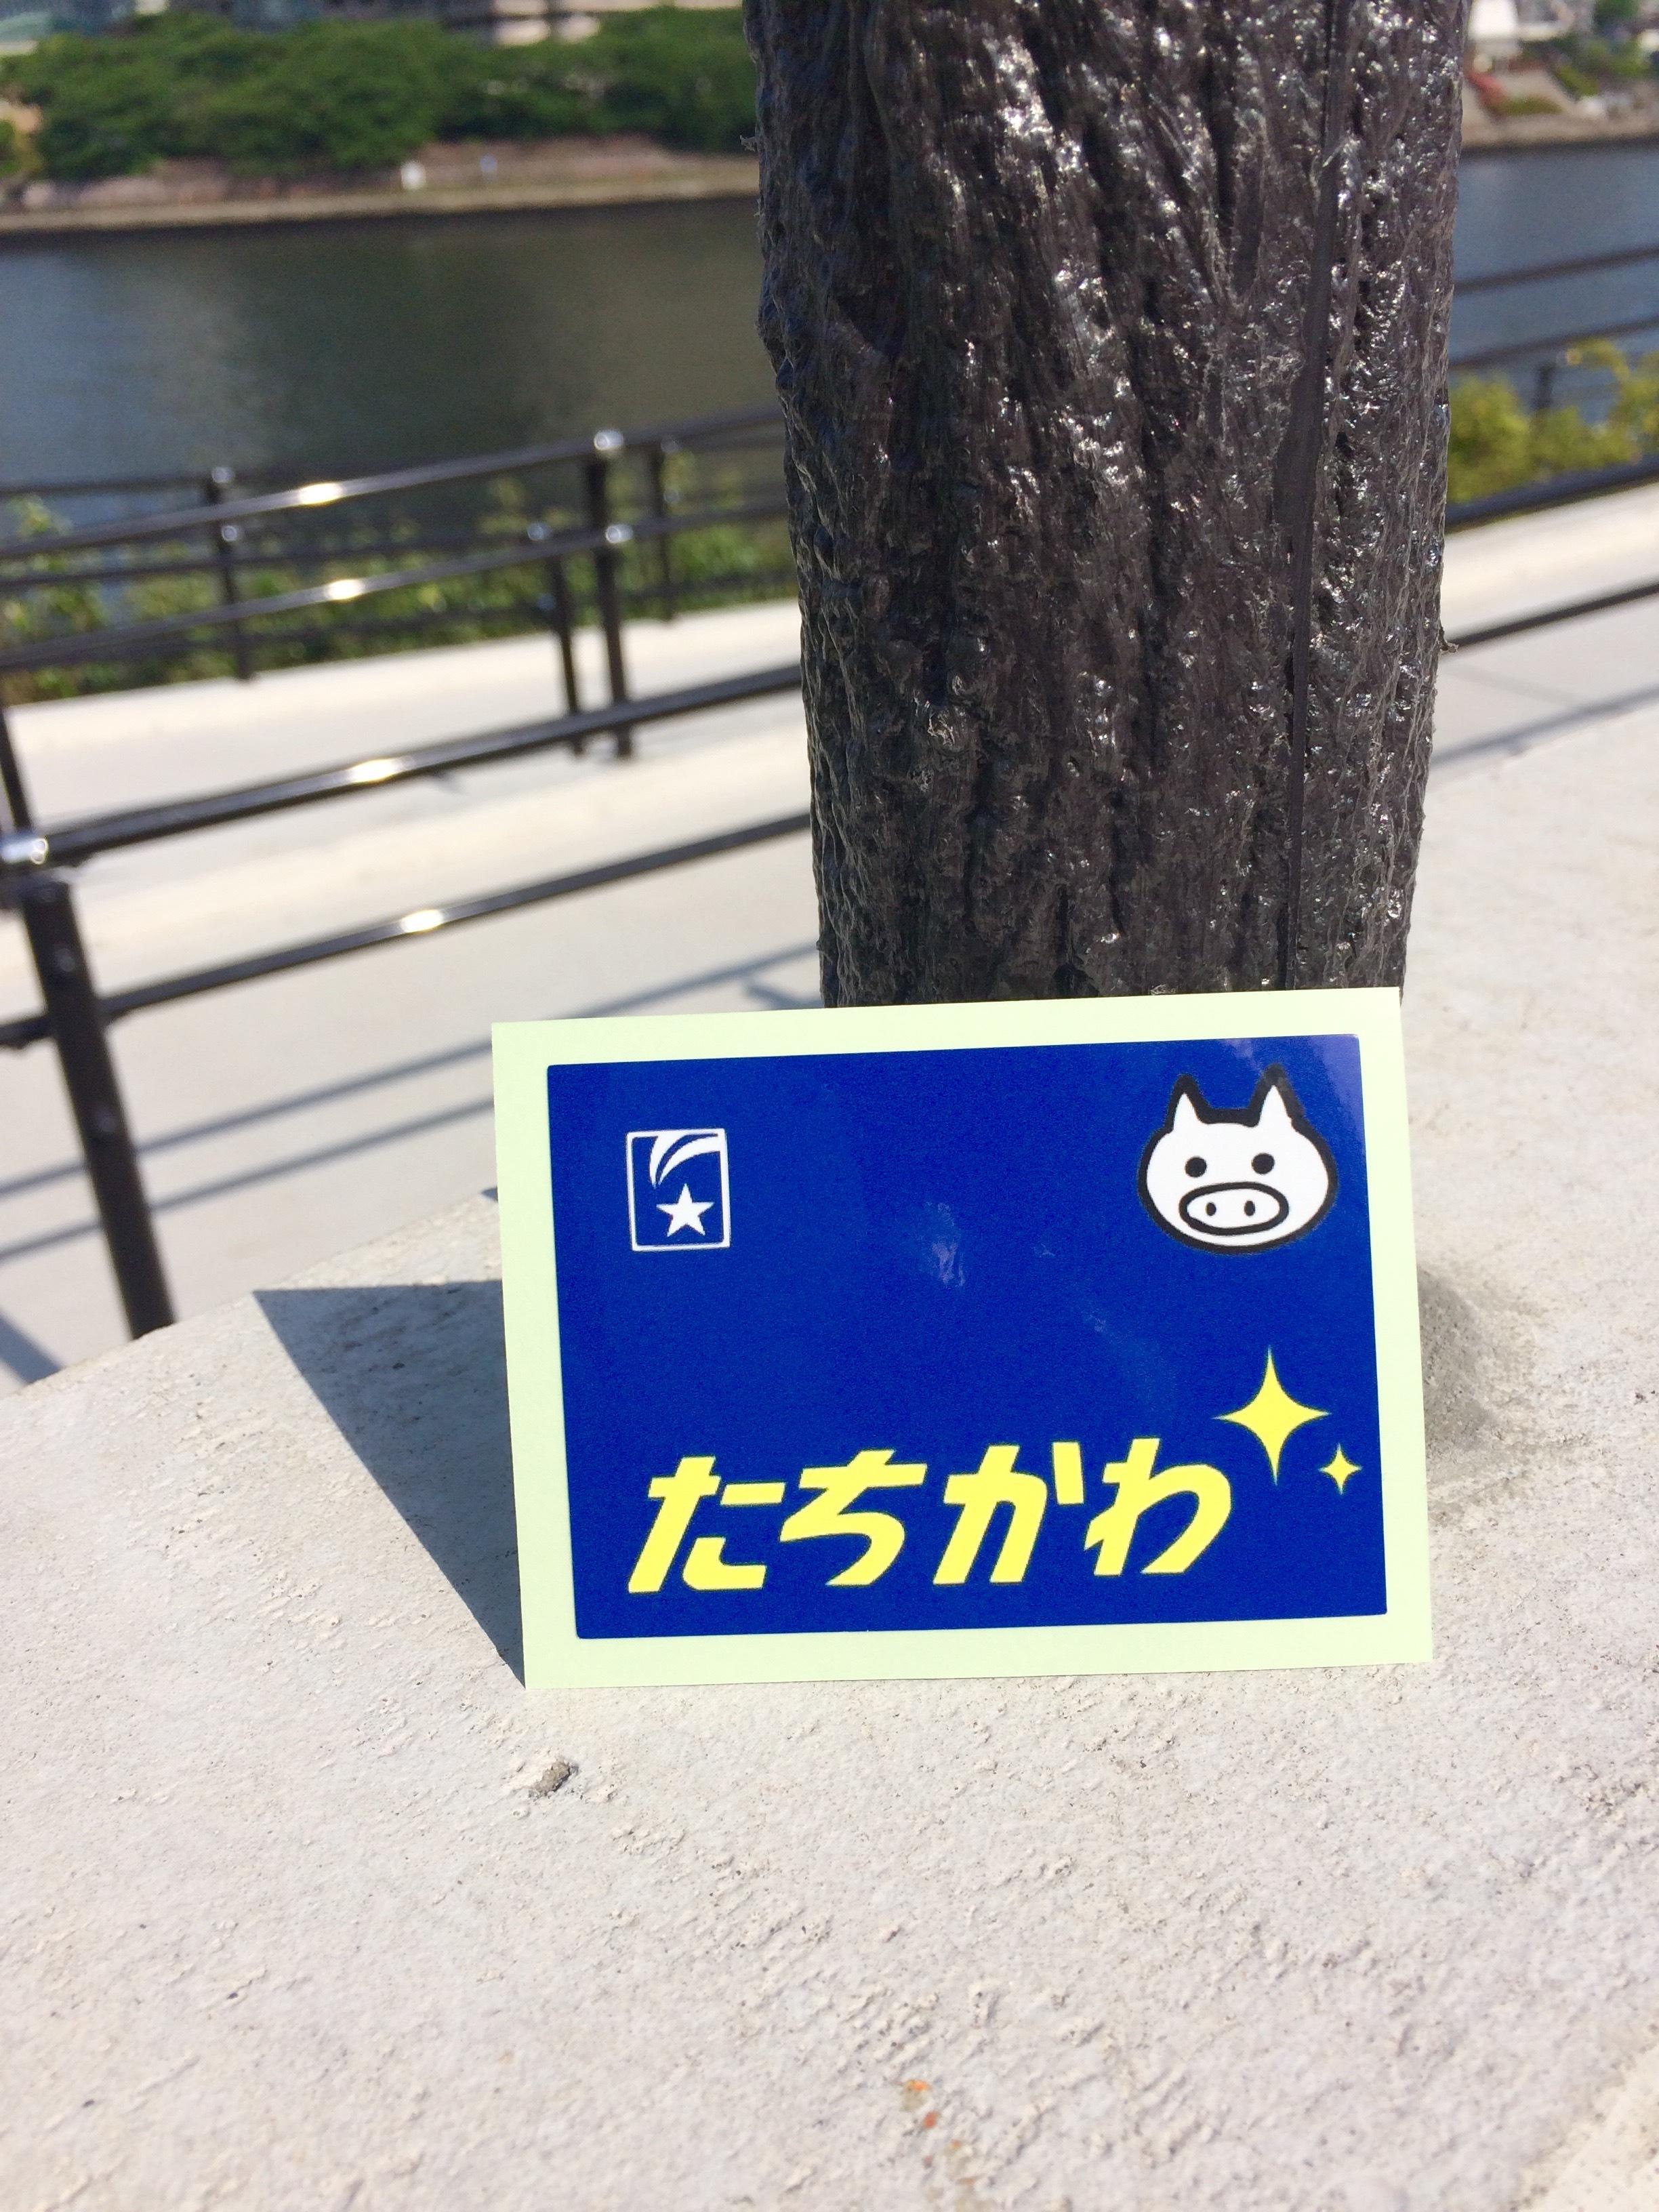 【送料100円!】寝台特急たちかわ ステッカー - 画像2